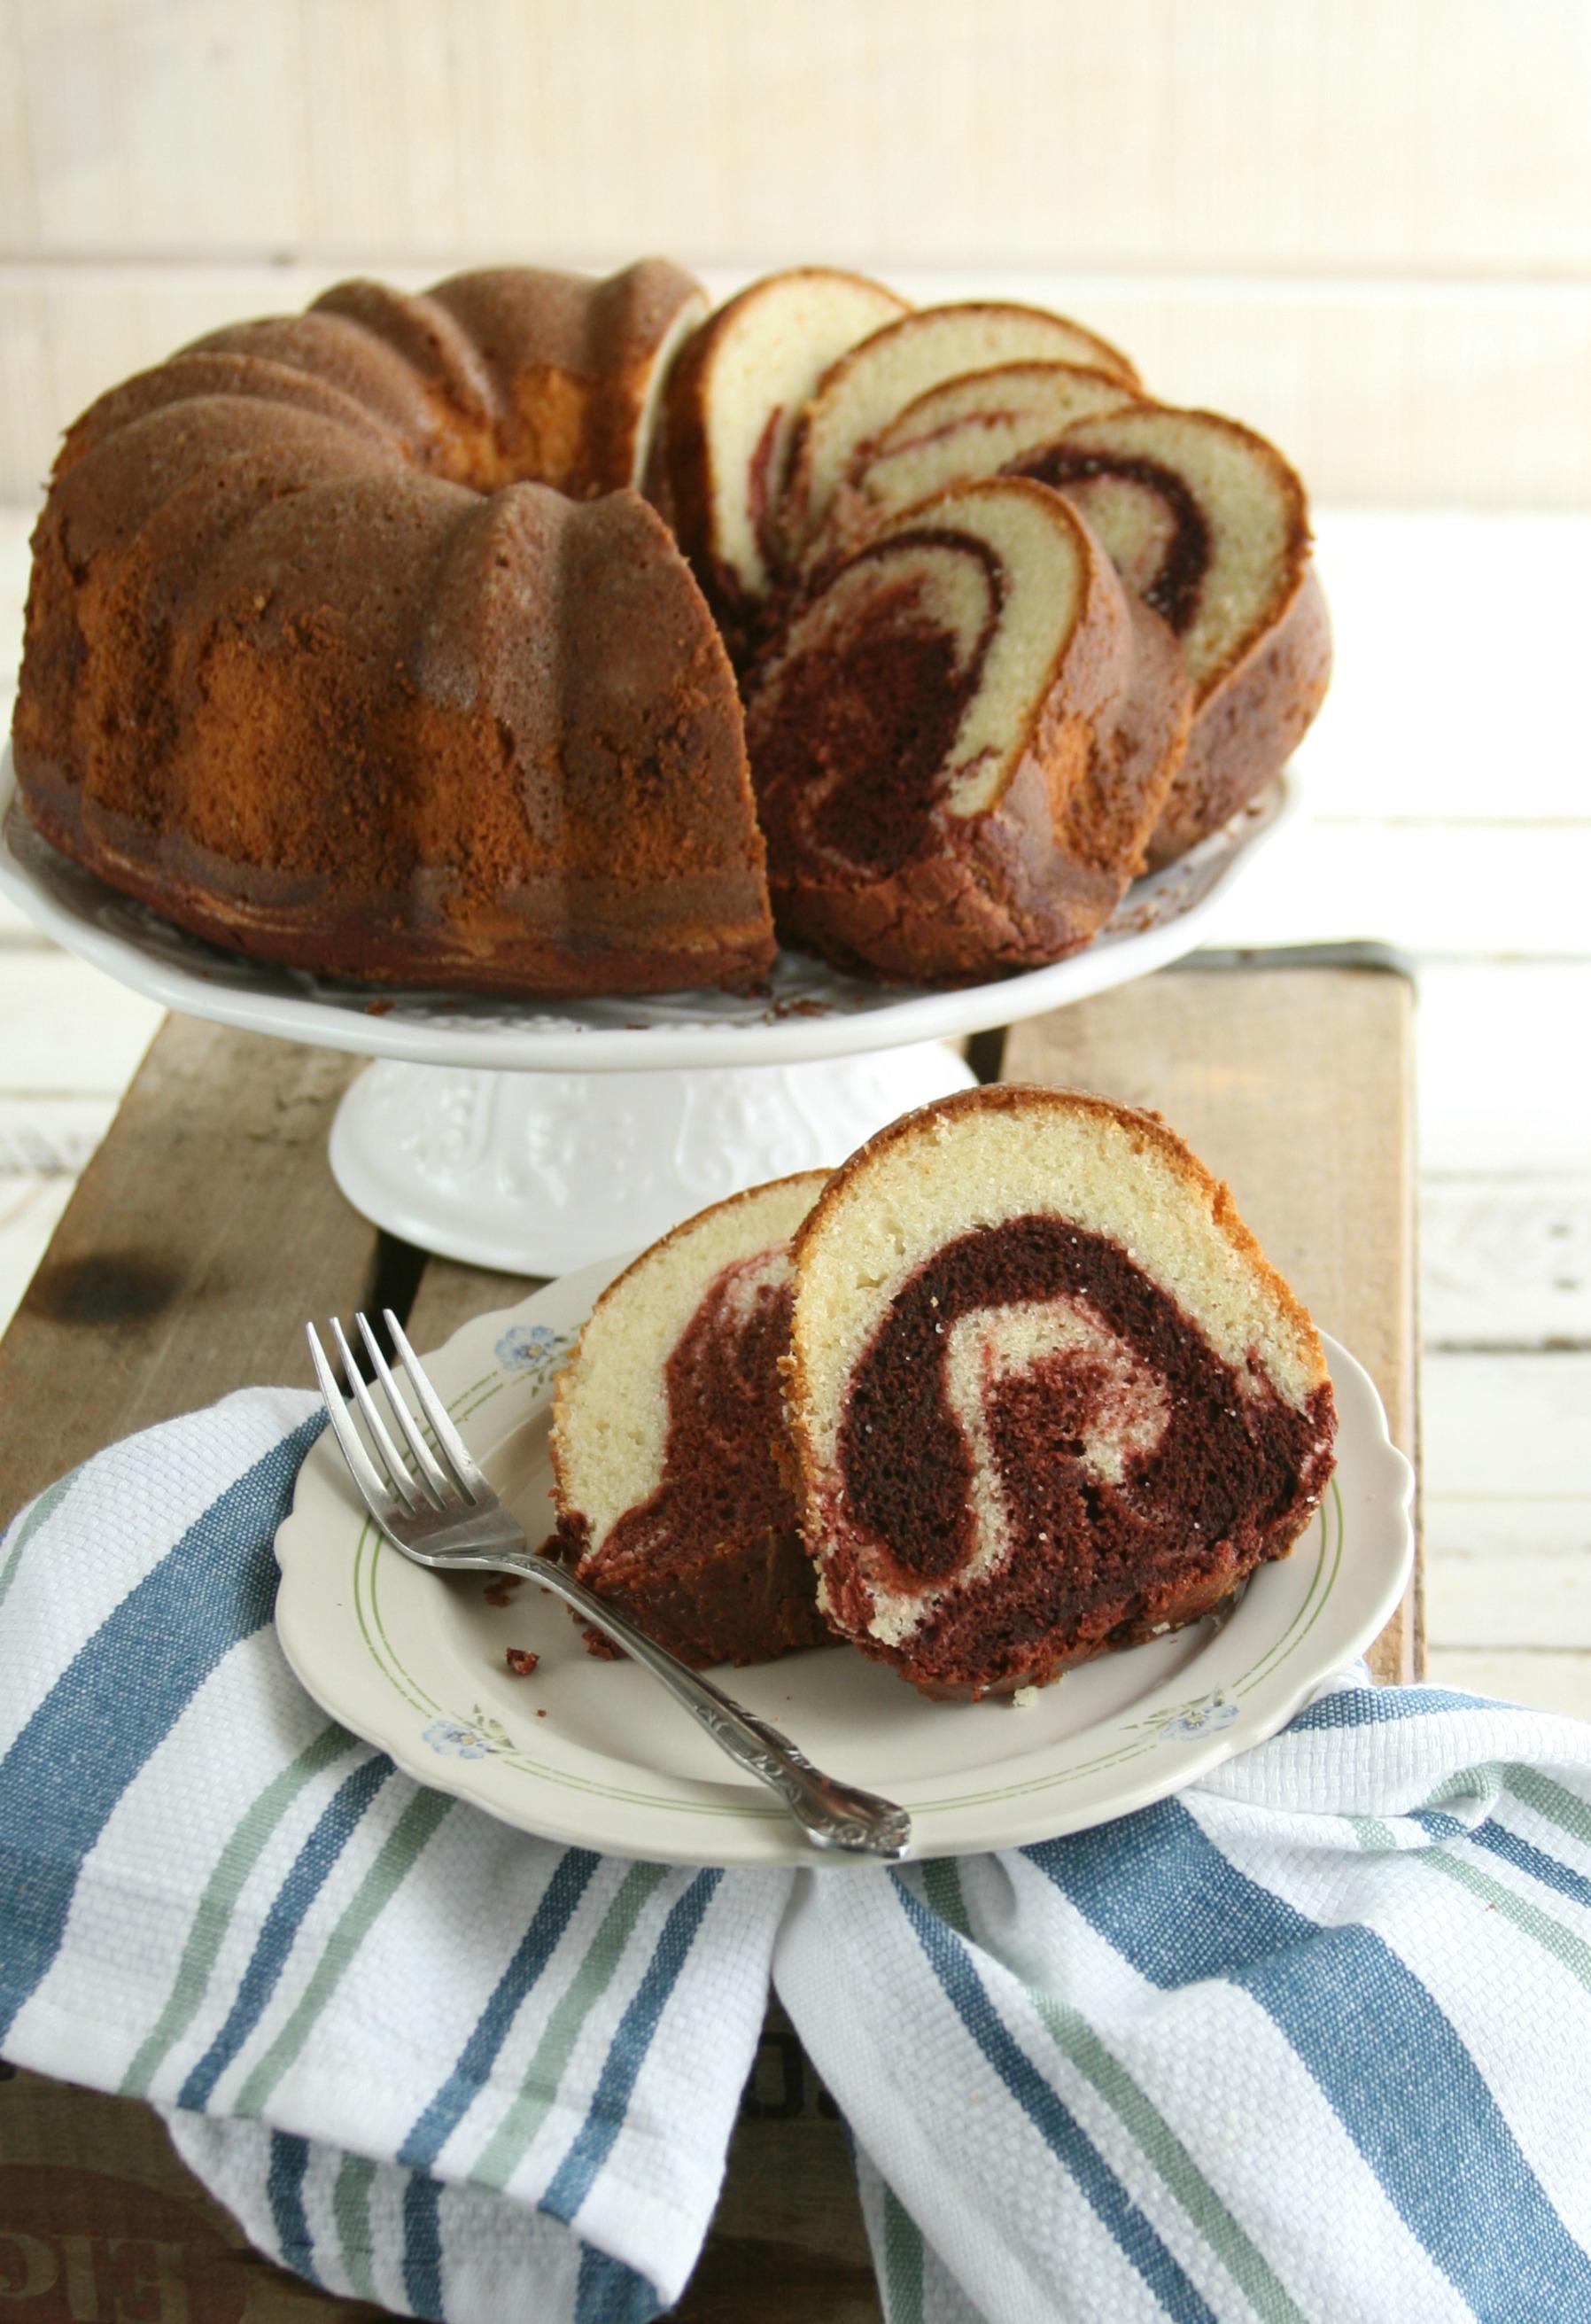 This deliciously moist Red Velvet Swirl Cake is simple to make. #redvelvet #bundtcake #recipes